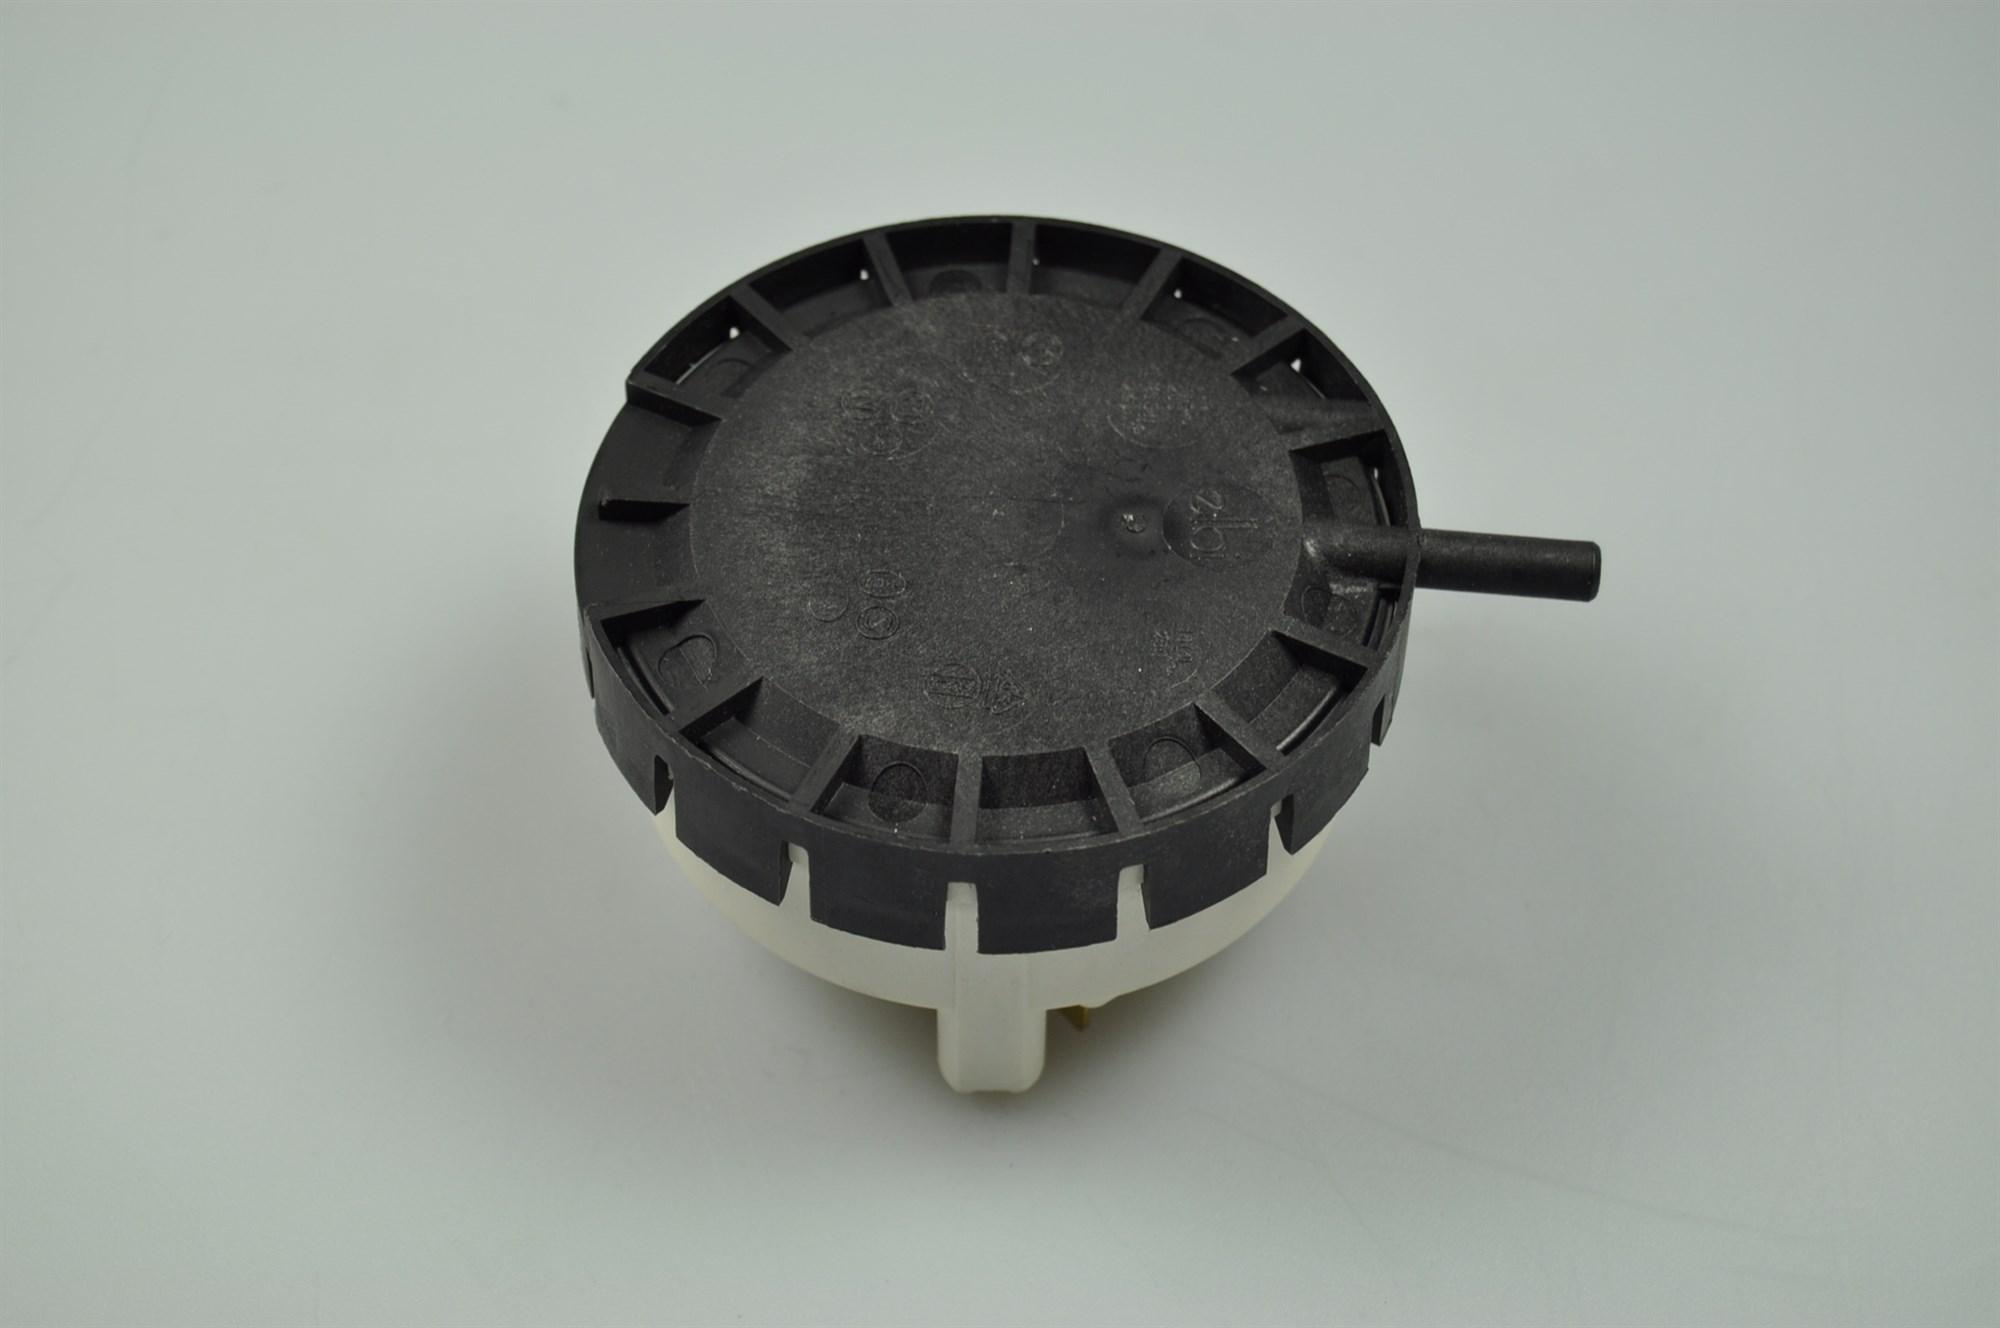 druckw chter beko waschmaschine. Black Bedroom Furniture Sets. Home Design Ideas